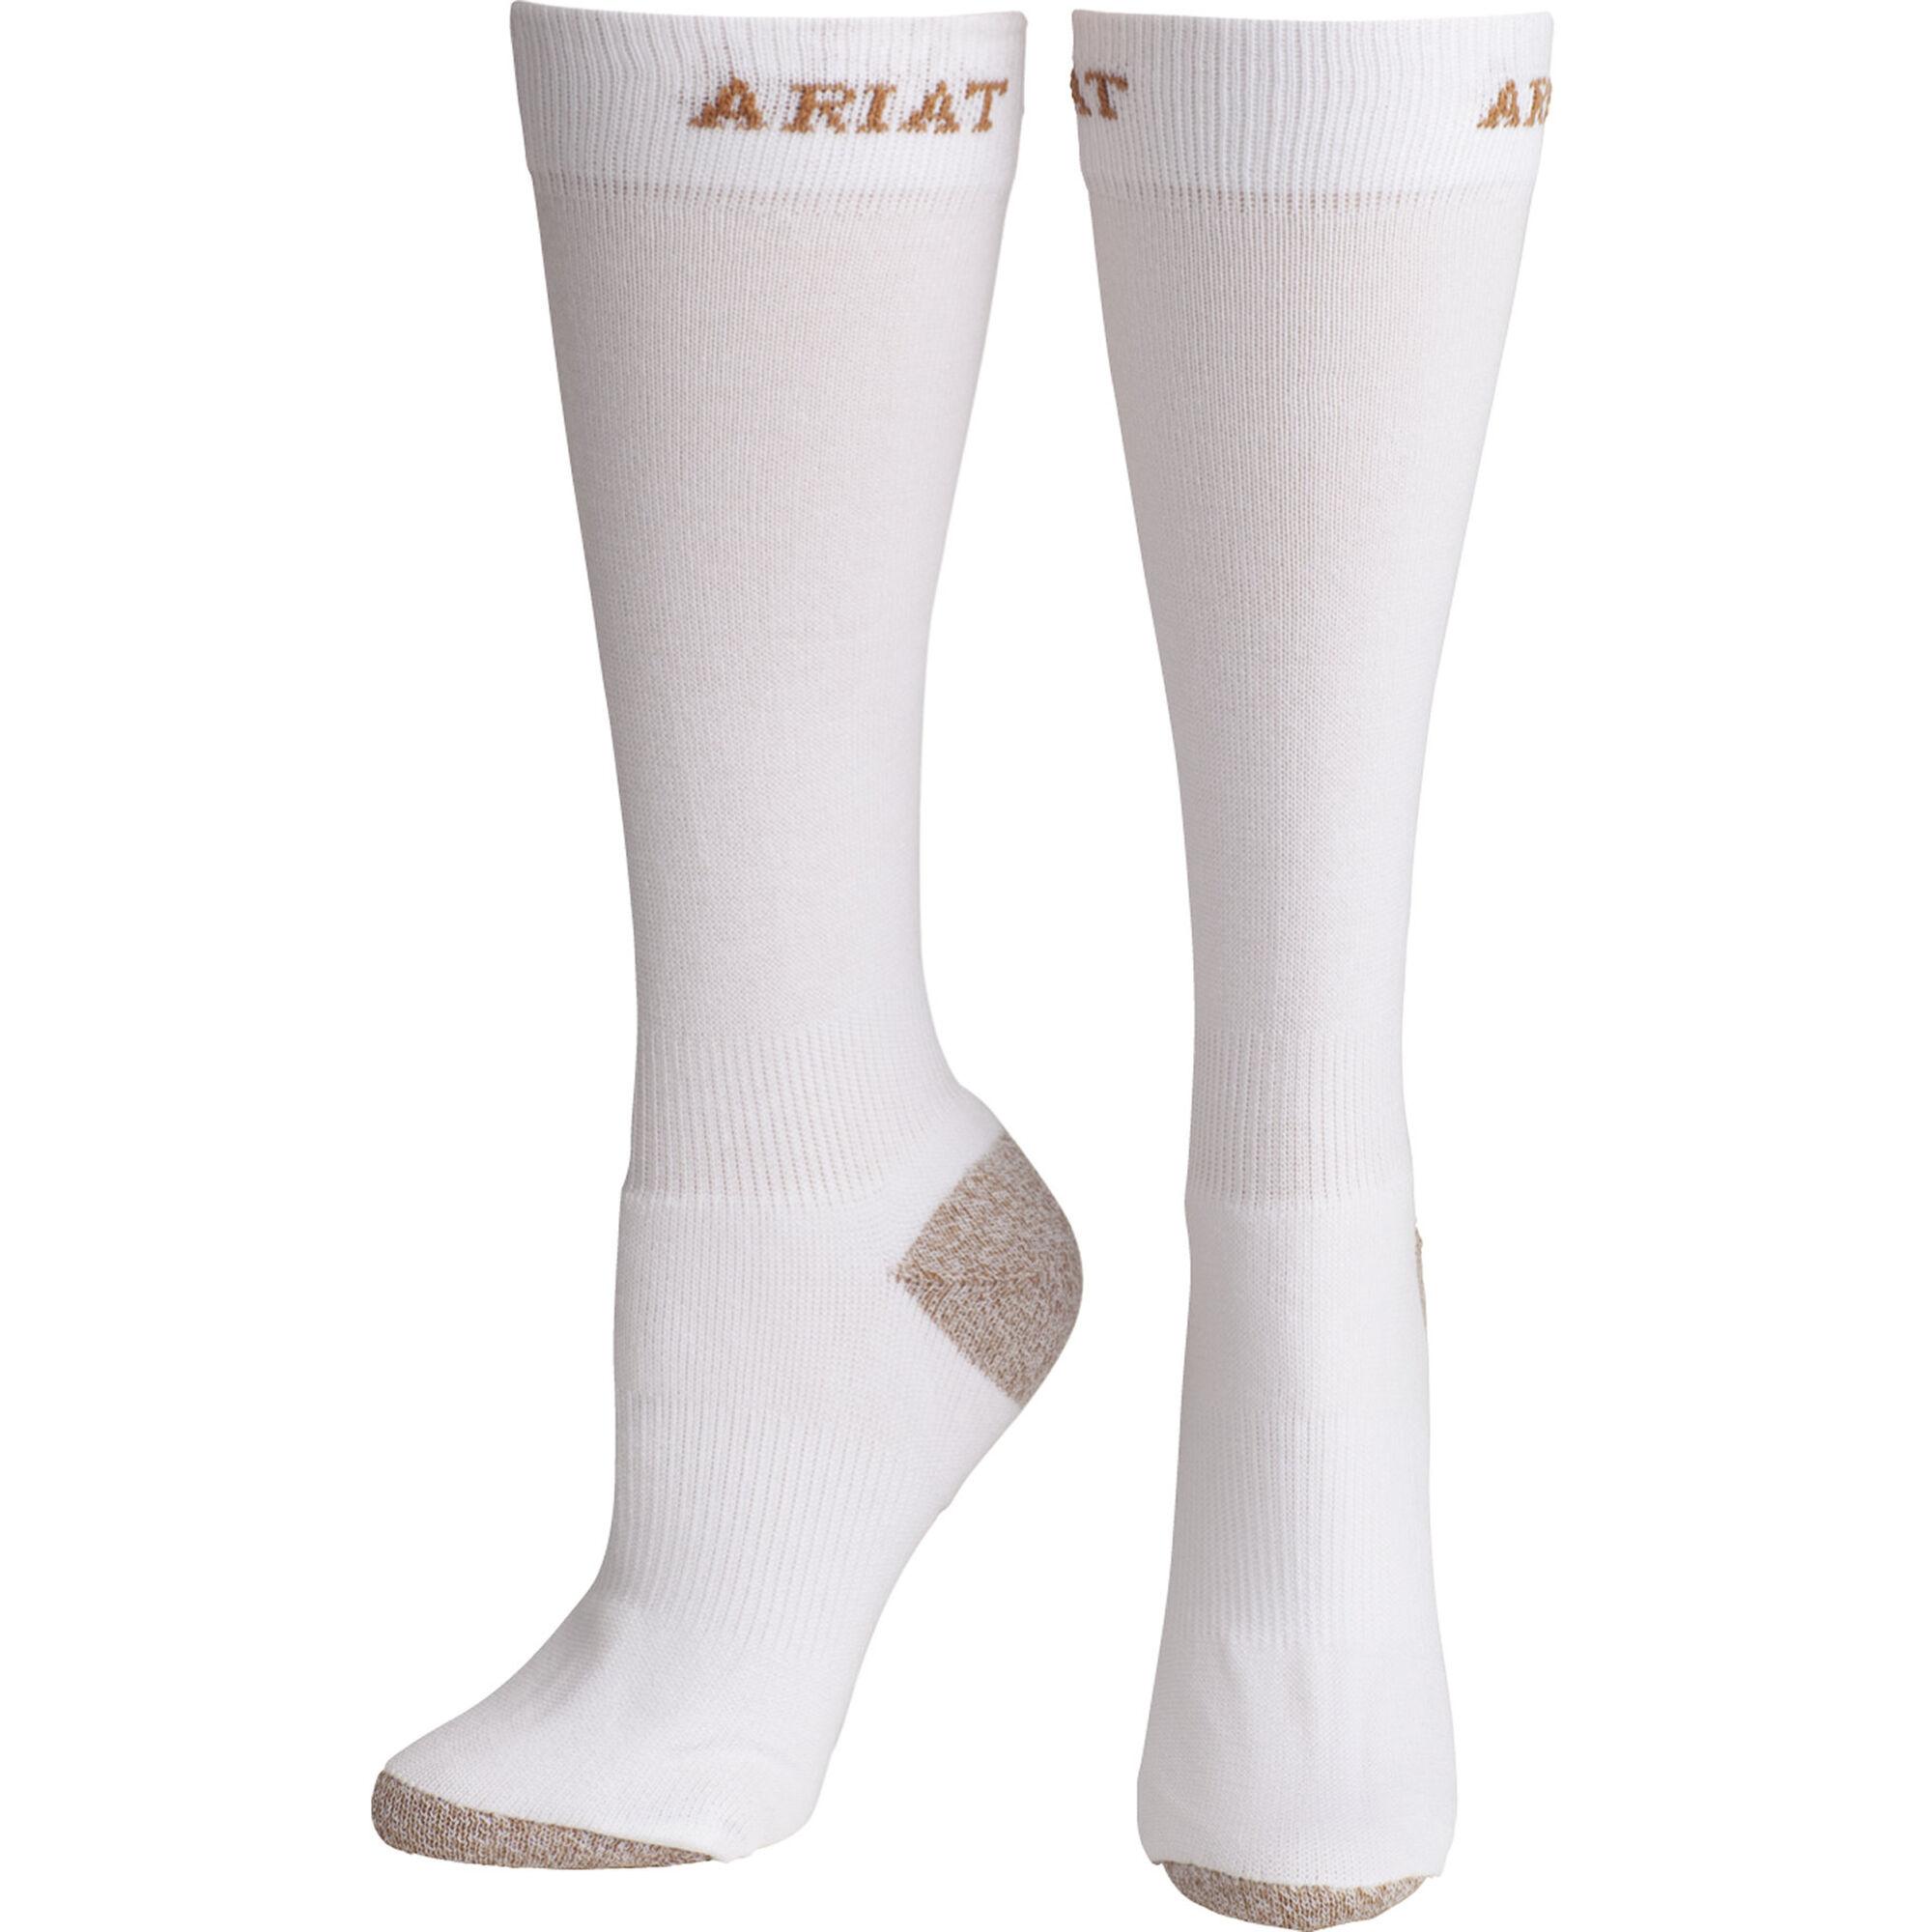 Sport Socks Heavy Duty